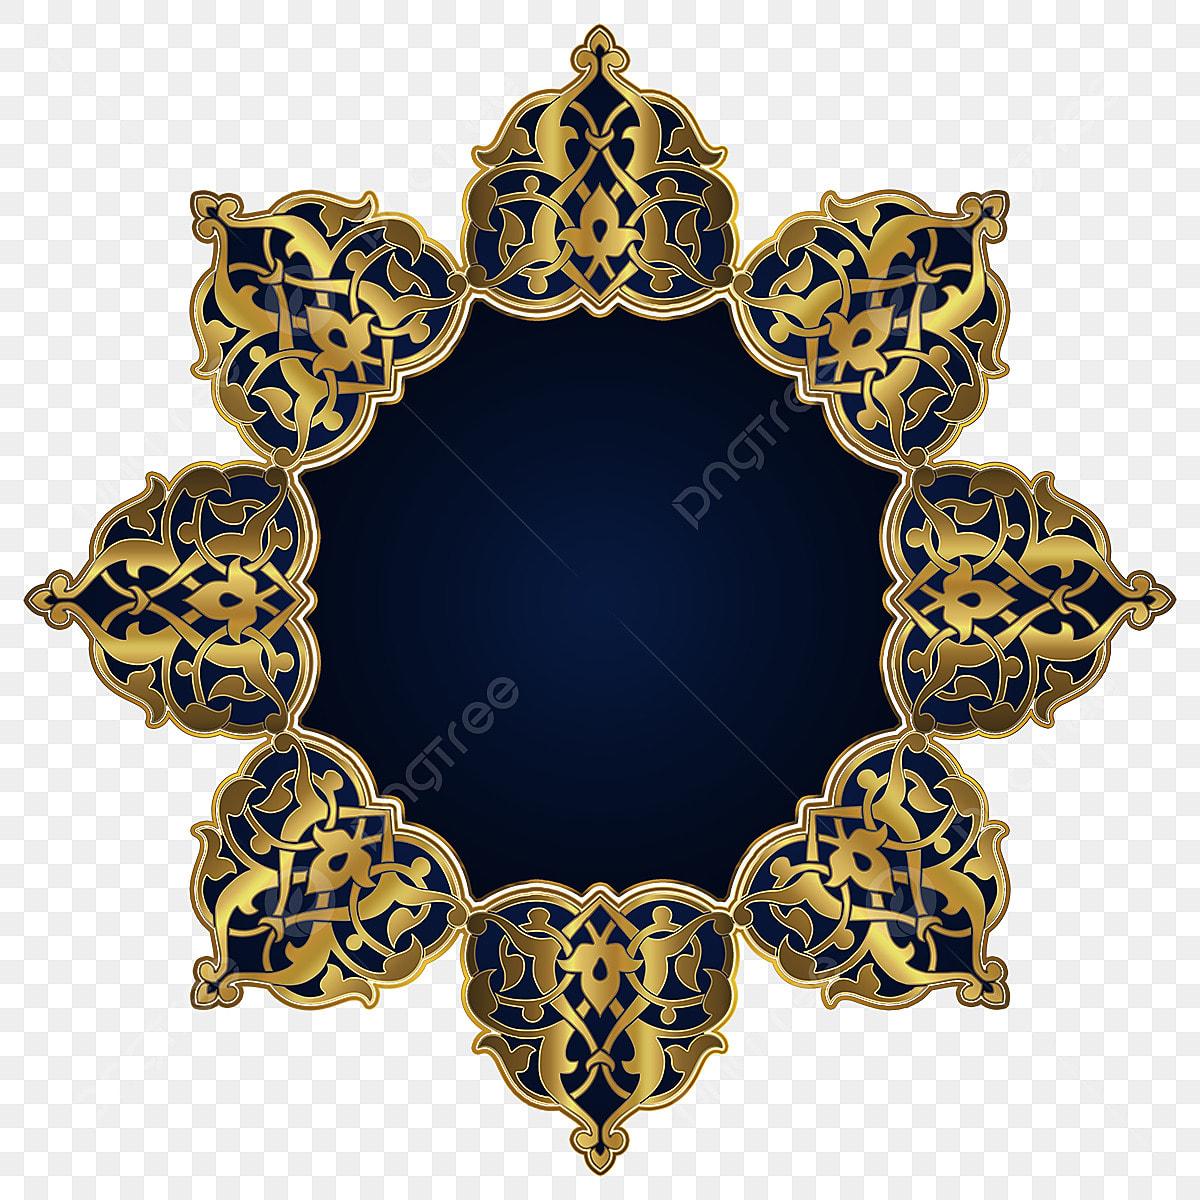 زخرفة إسلامية ذهبية اسلامية زخرفة الزخارف الاسلامية Png وملف